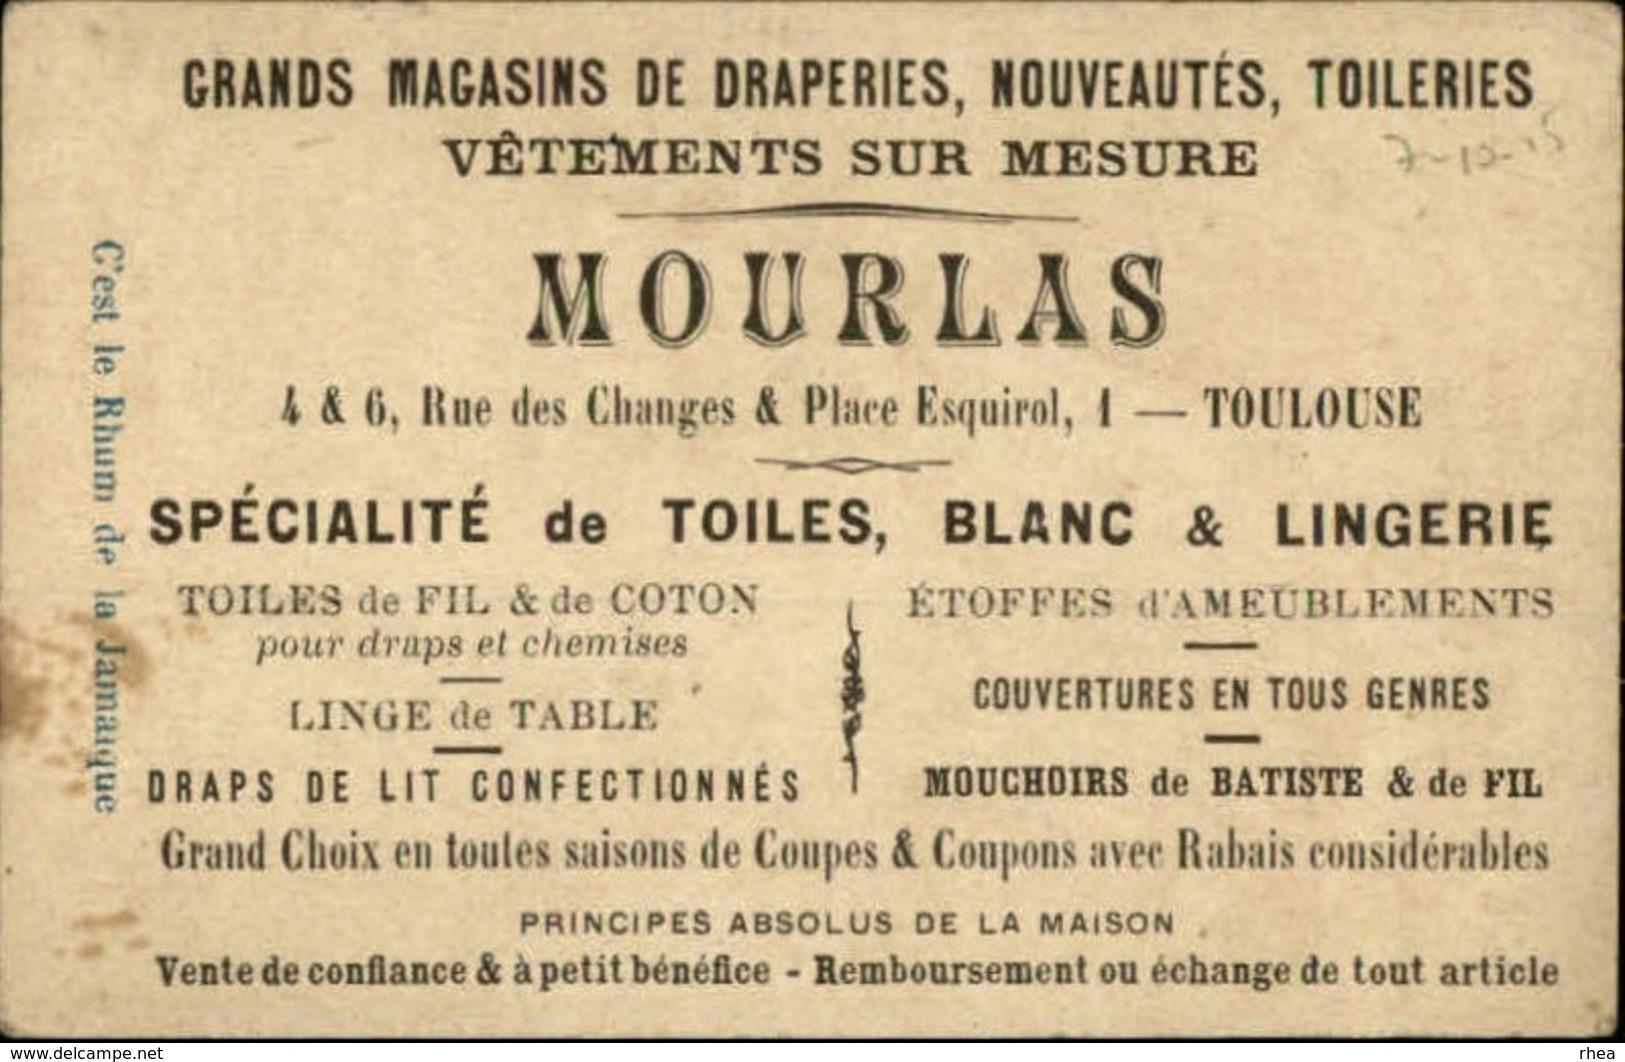 CHROMOS - Pub Pour Grands Magasins MOURLAS à TOULOUSE - Autres